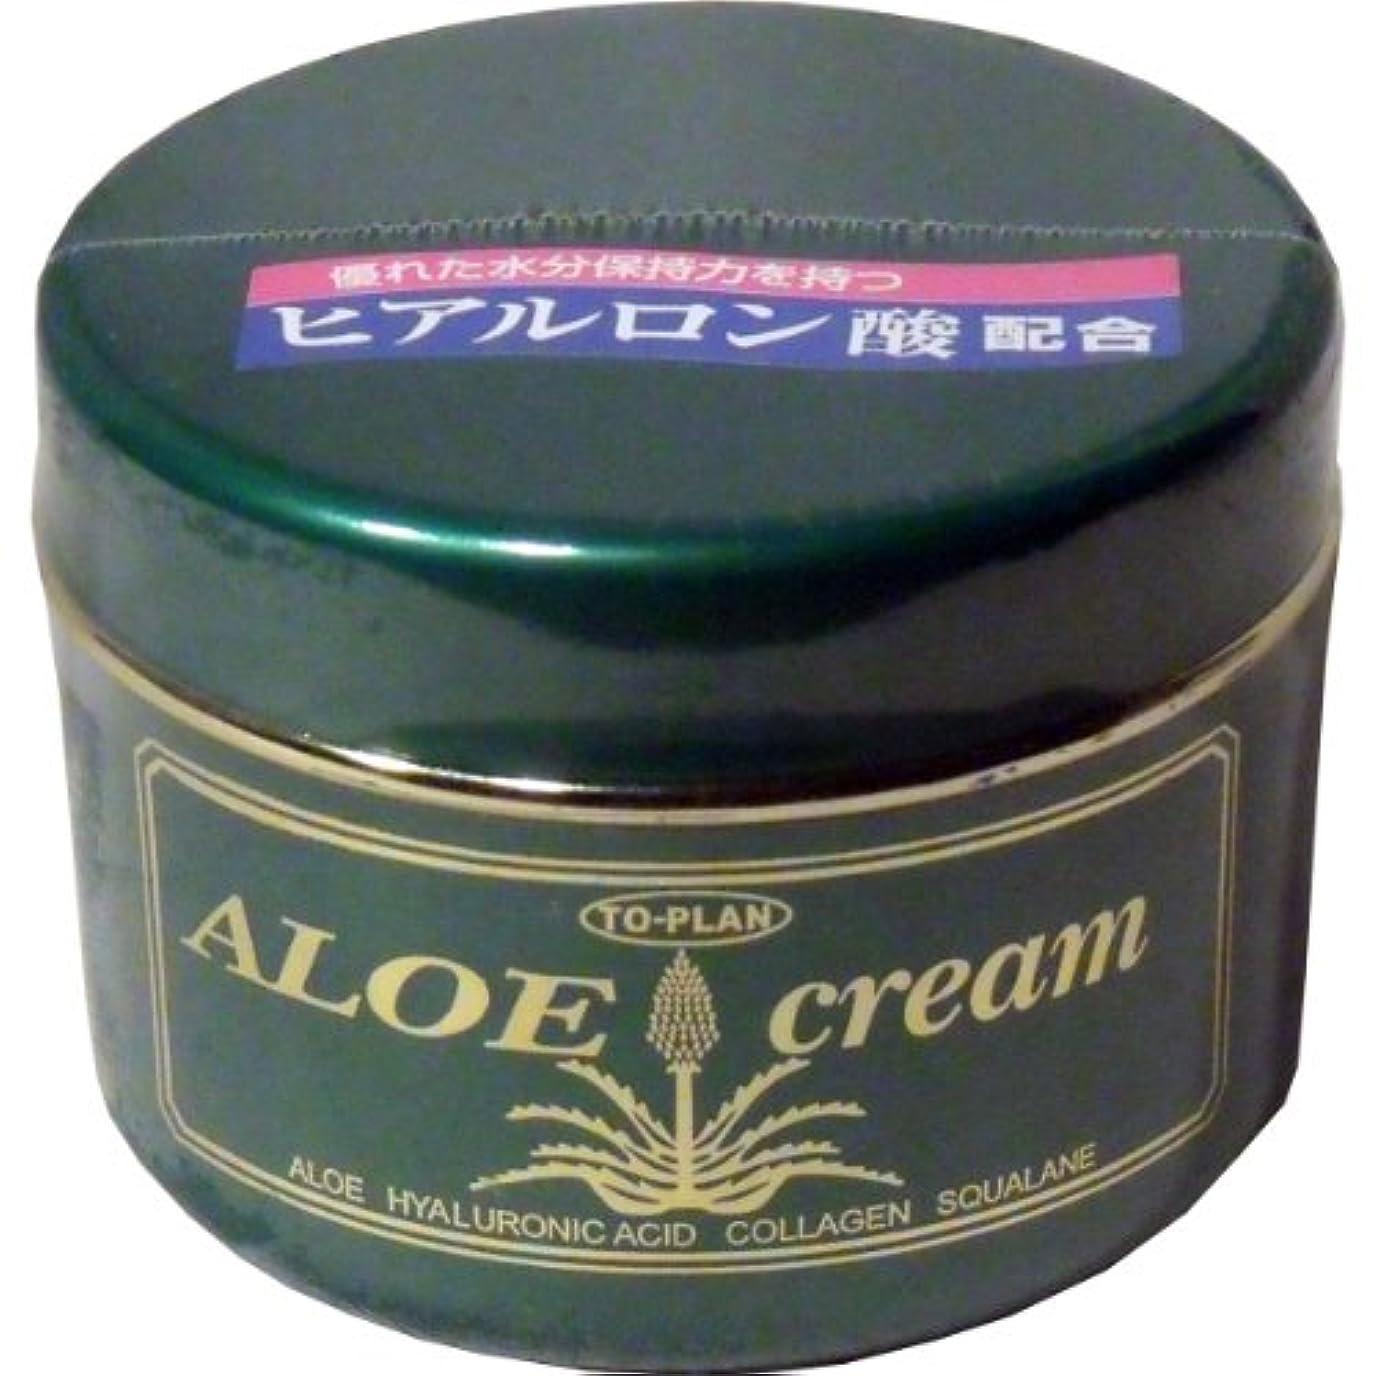 接ぎ木絡まる不安定なトプラン ハーブフレッシュクリーム(アロエクリーム) ヒアルロン酸 170g ×10個セット